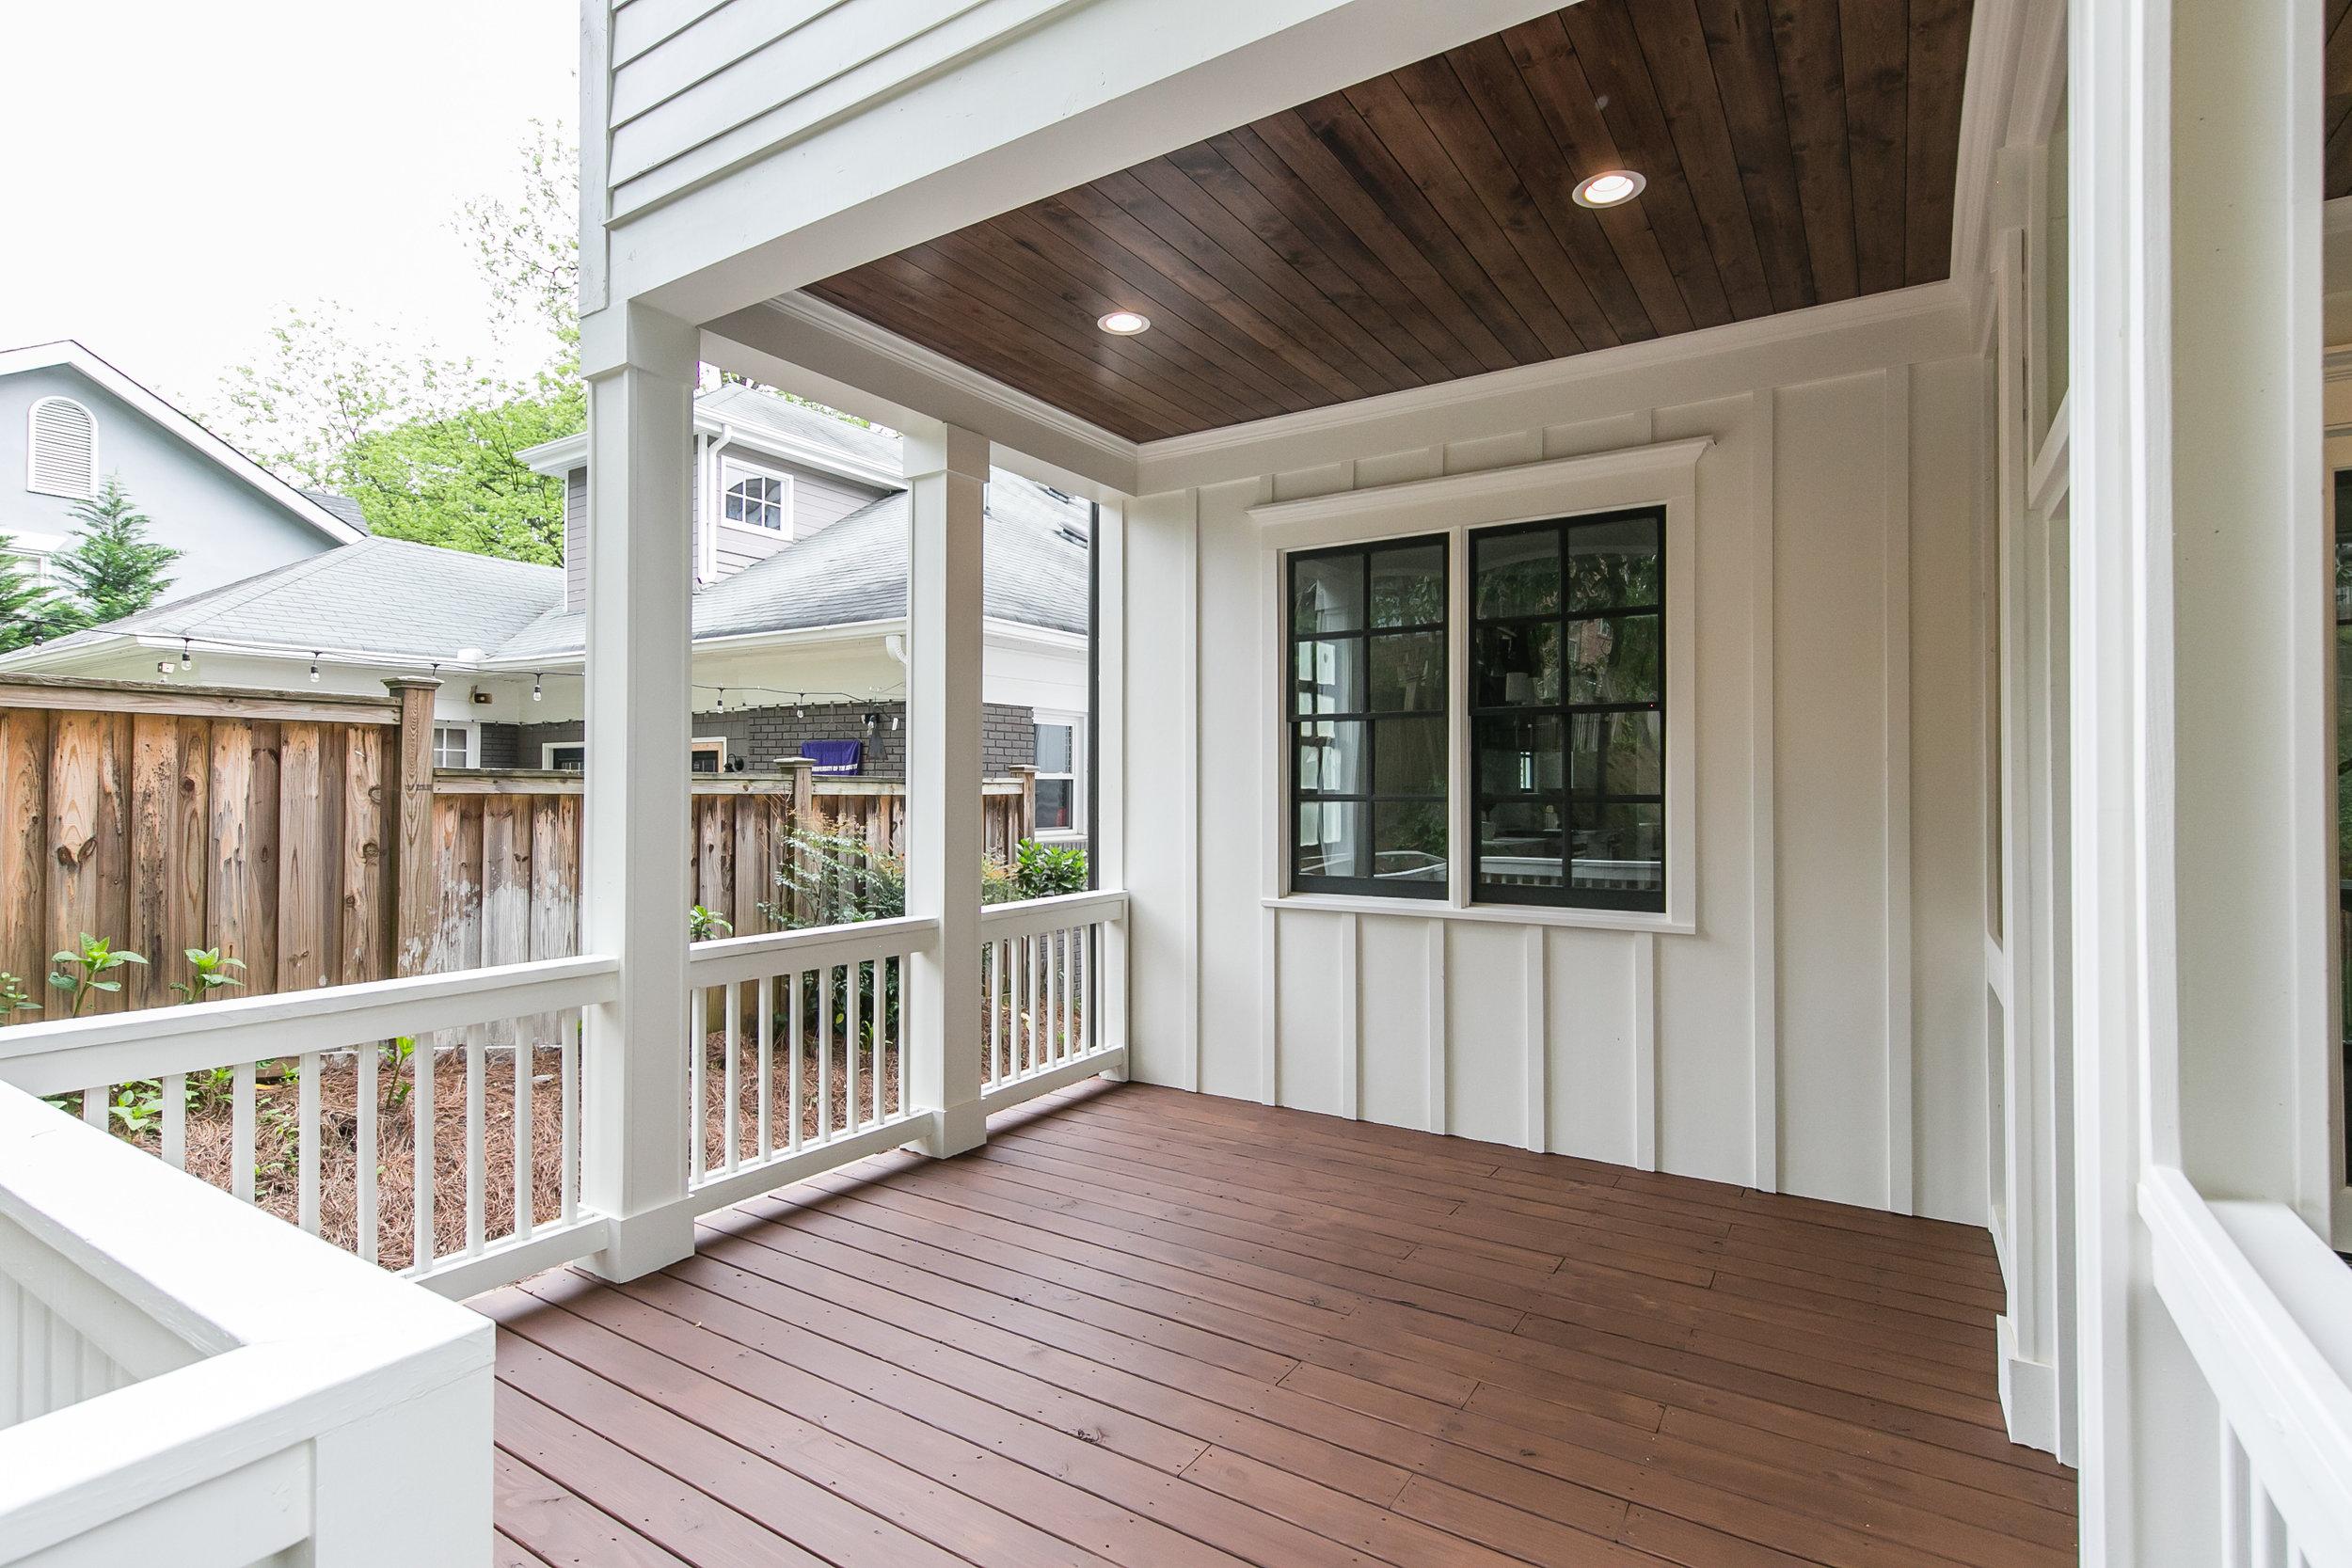 1388 N Morningside-Back Porch 2.jpg